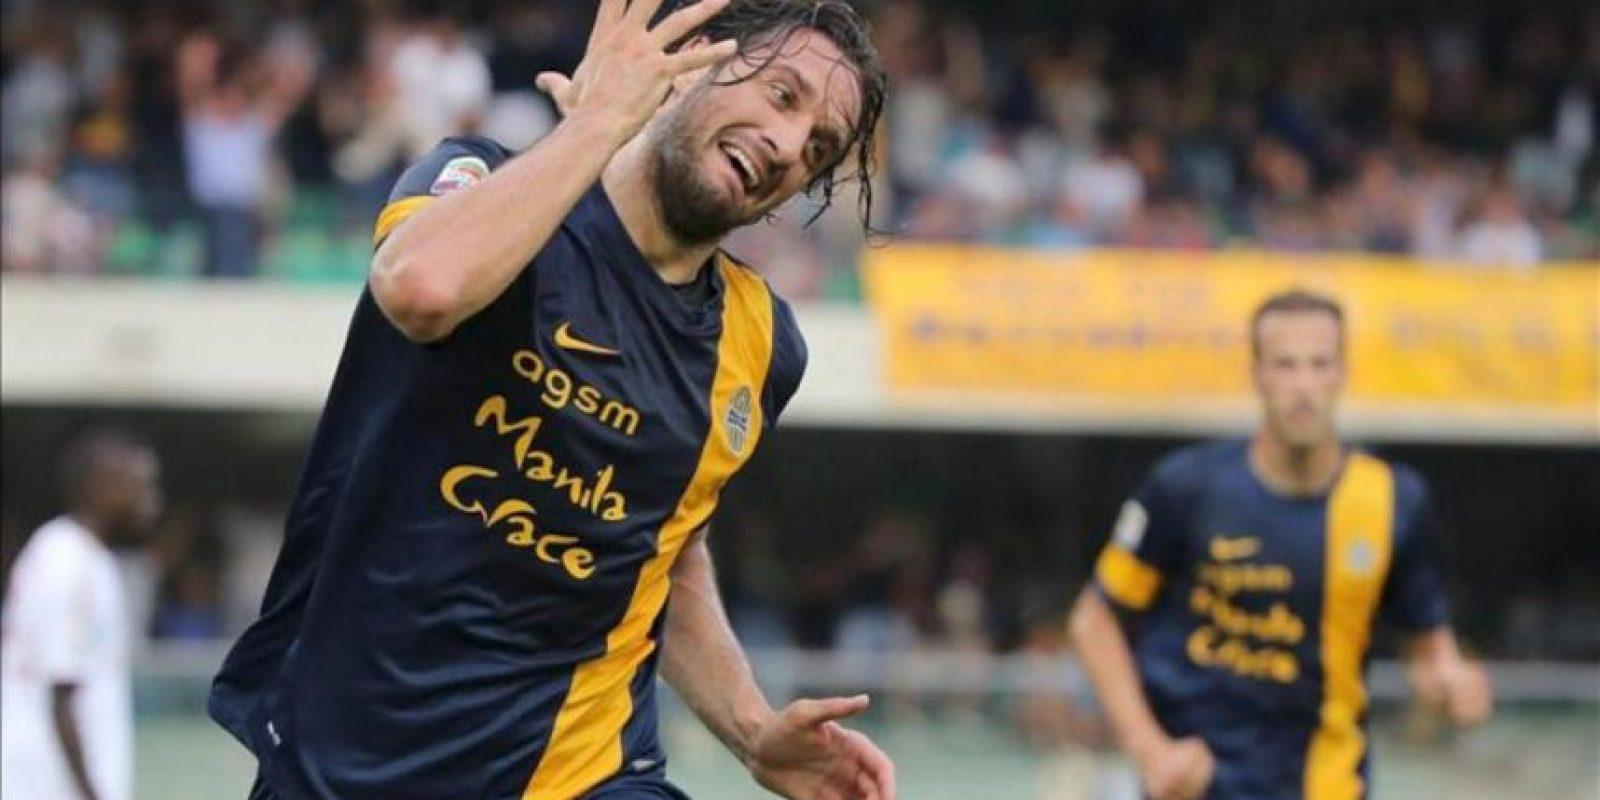 El delantero del Hellas Verona, Luca Toni, celebra uno de los dos goles con los que su equipo ganó al AC Milan en el estadio Bentegodi de Verona, Italia. EFE